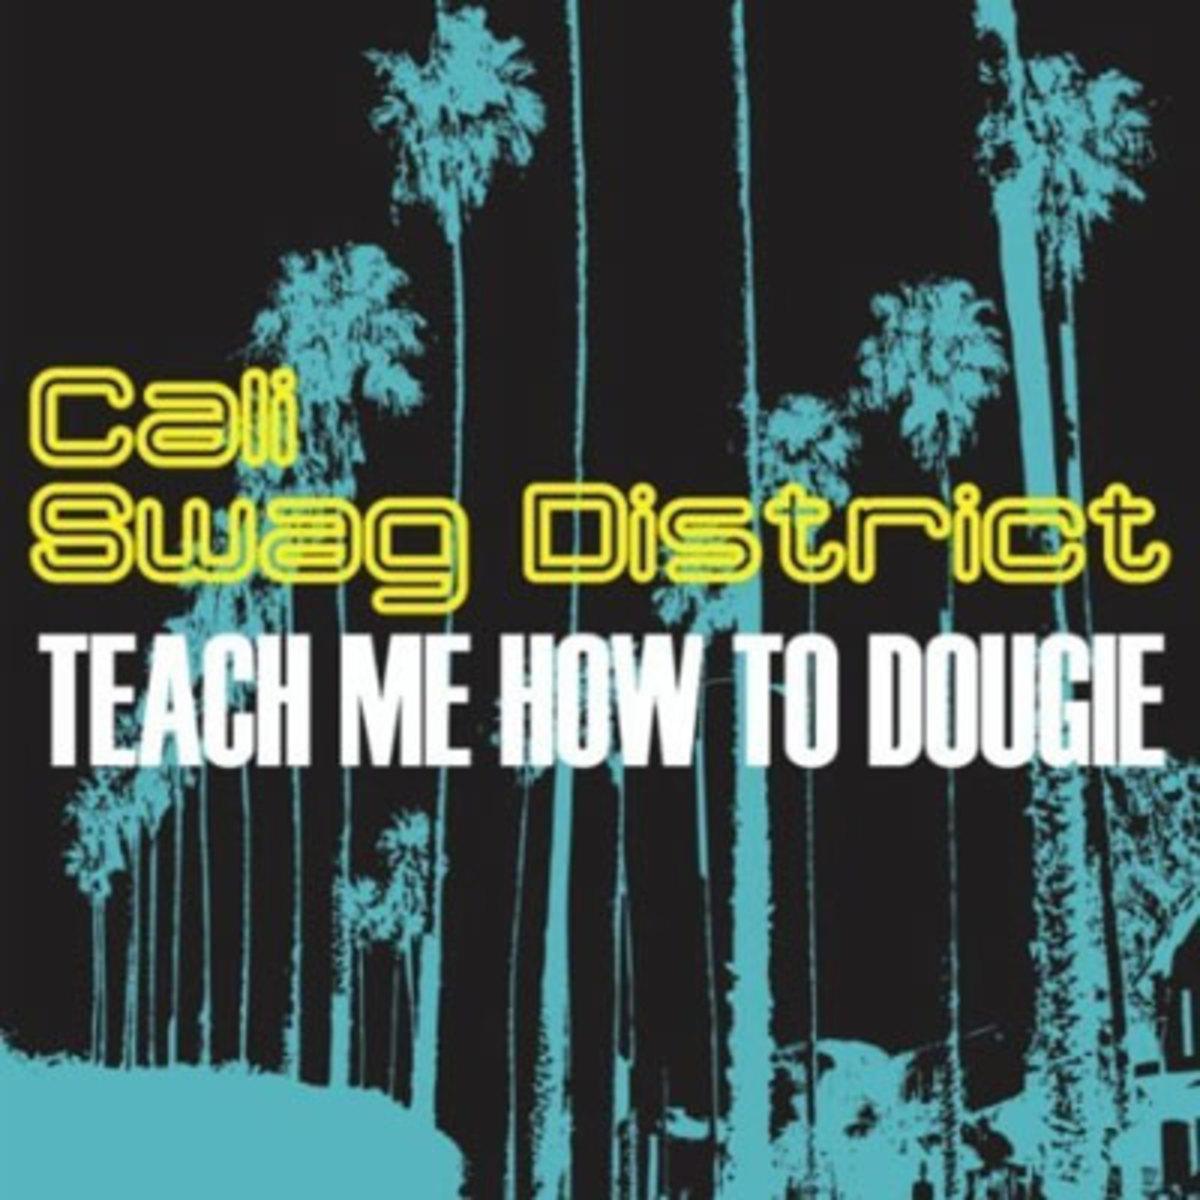 caliswagdistrict-teachme.jpg